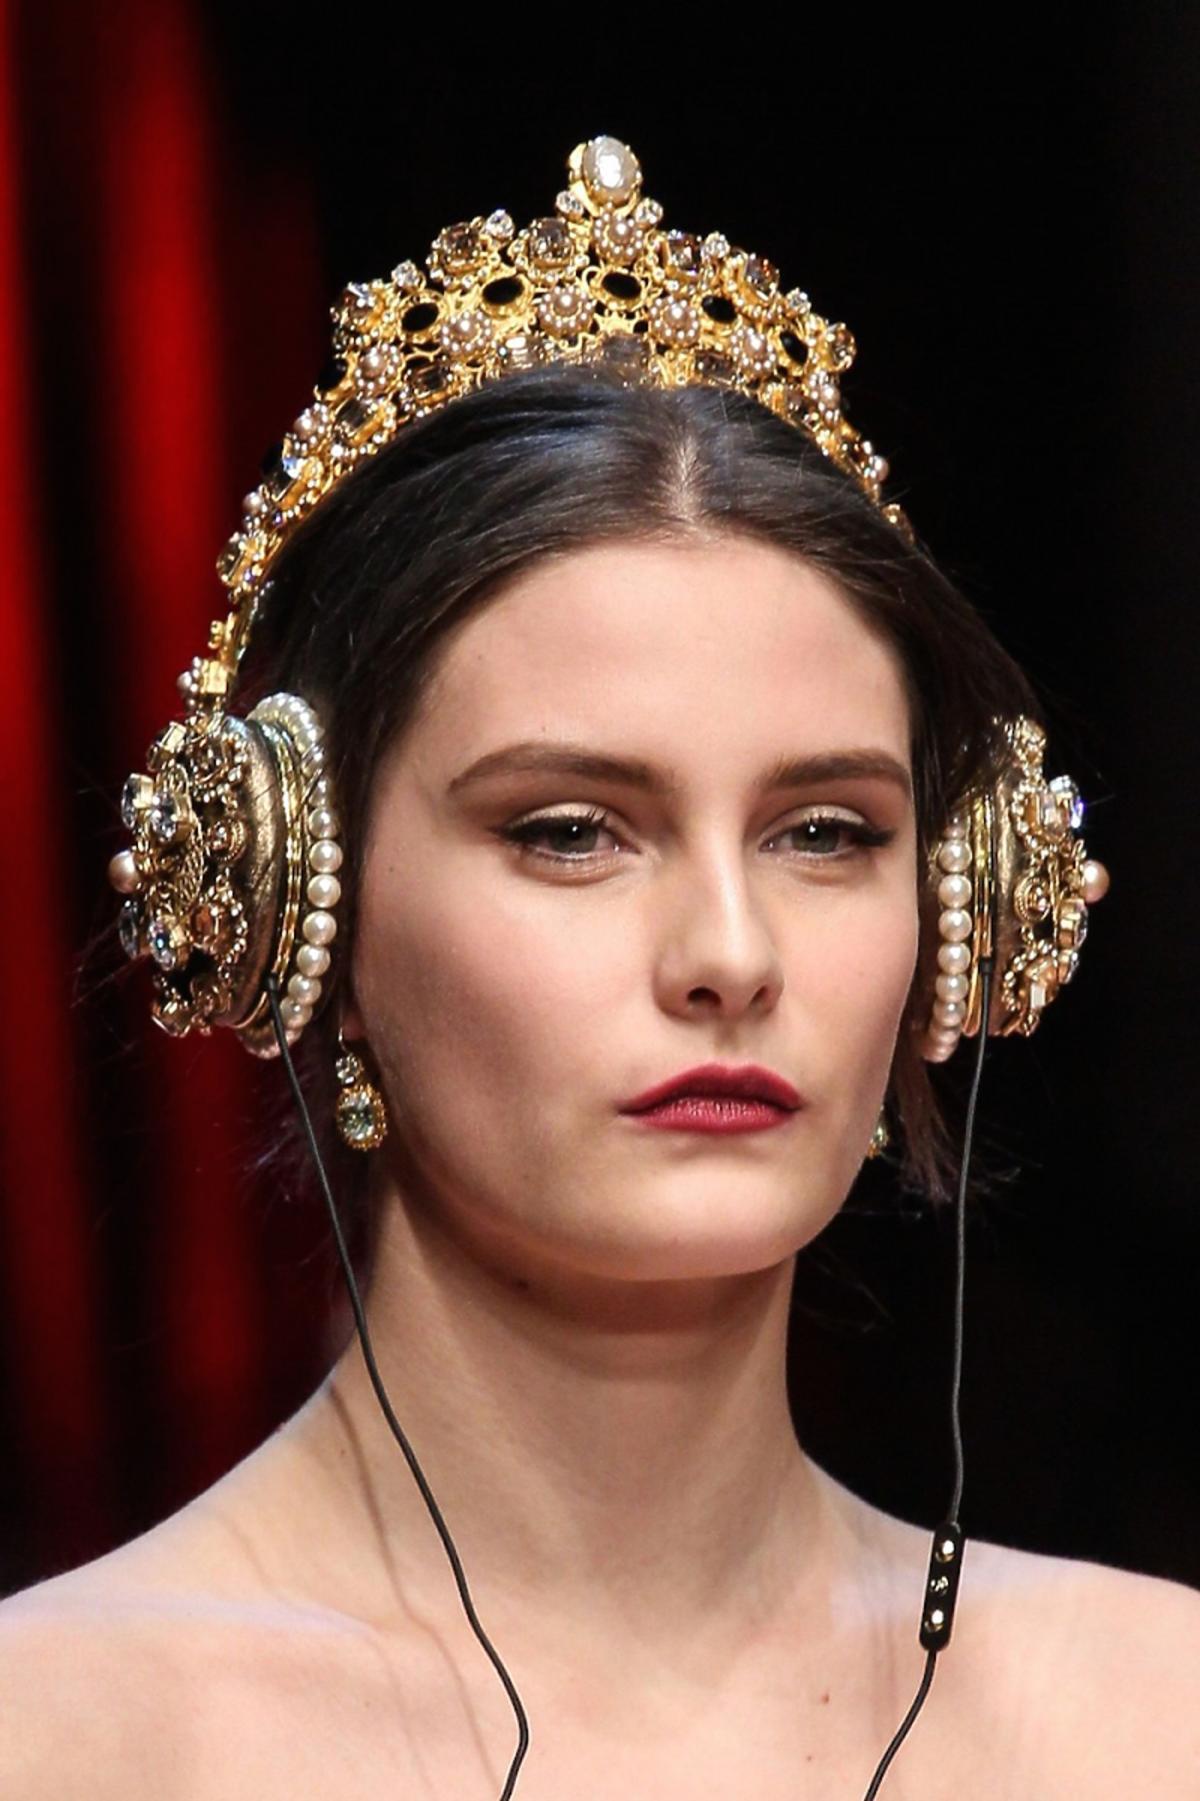 Modelka ze złotymi słychawkami  i koroną